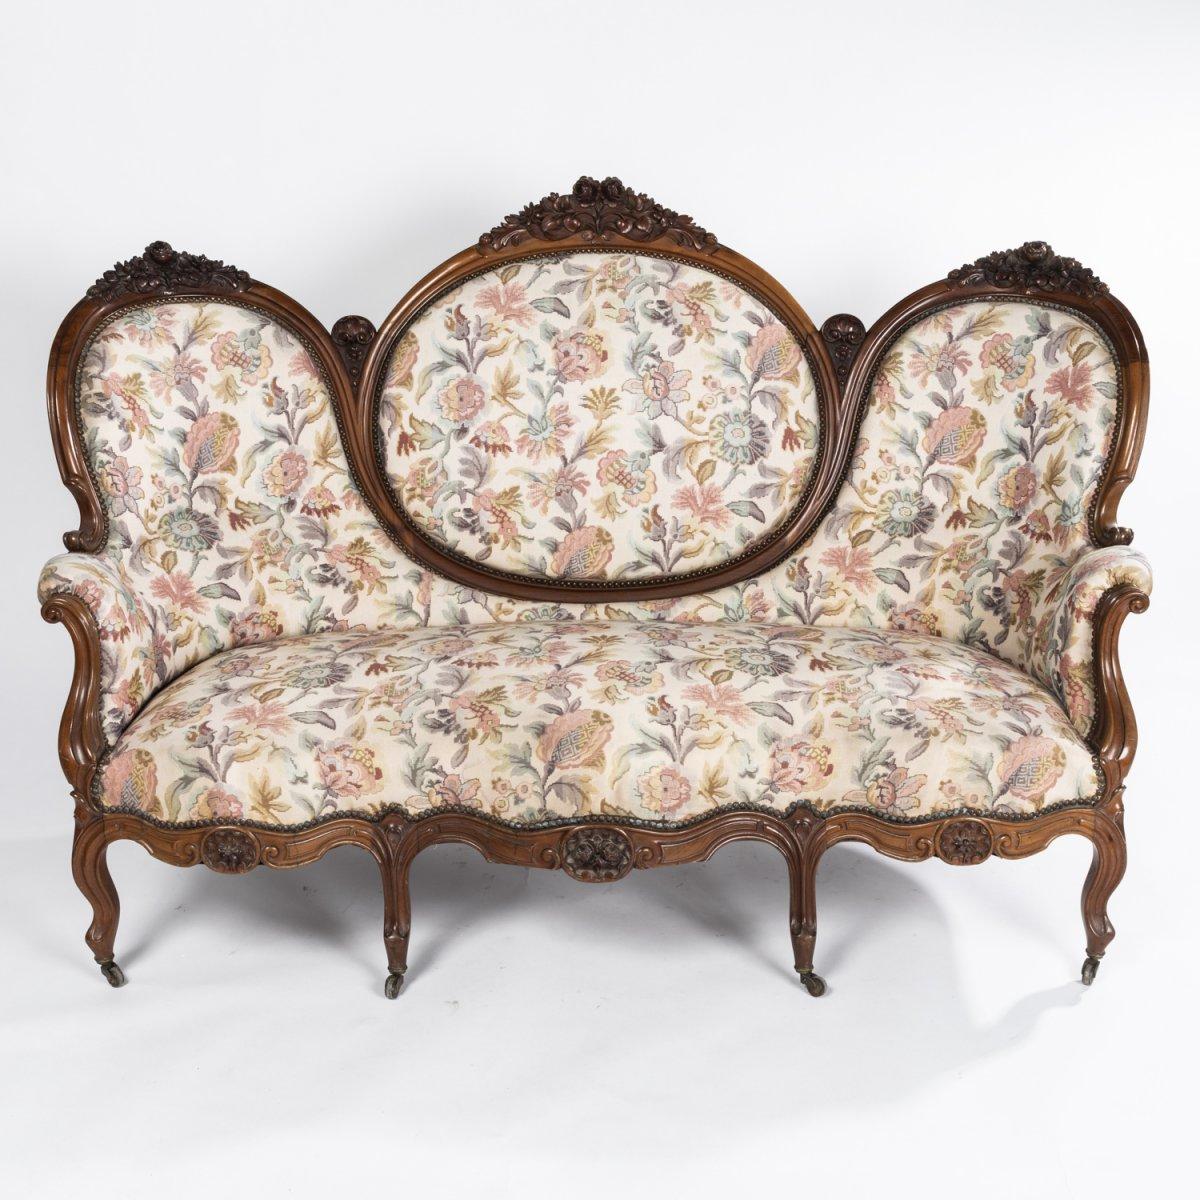 Salon sept pièces de style Louis XV  en noyer sculpté et tapisserie florale, XIXe